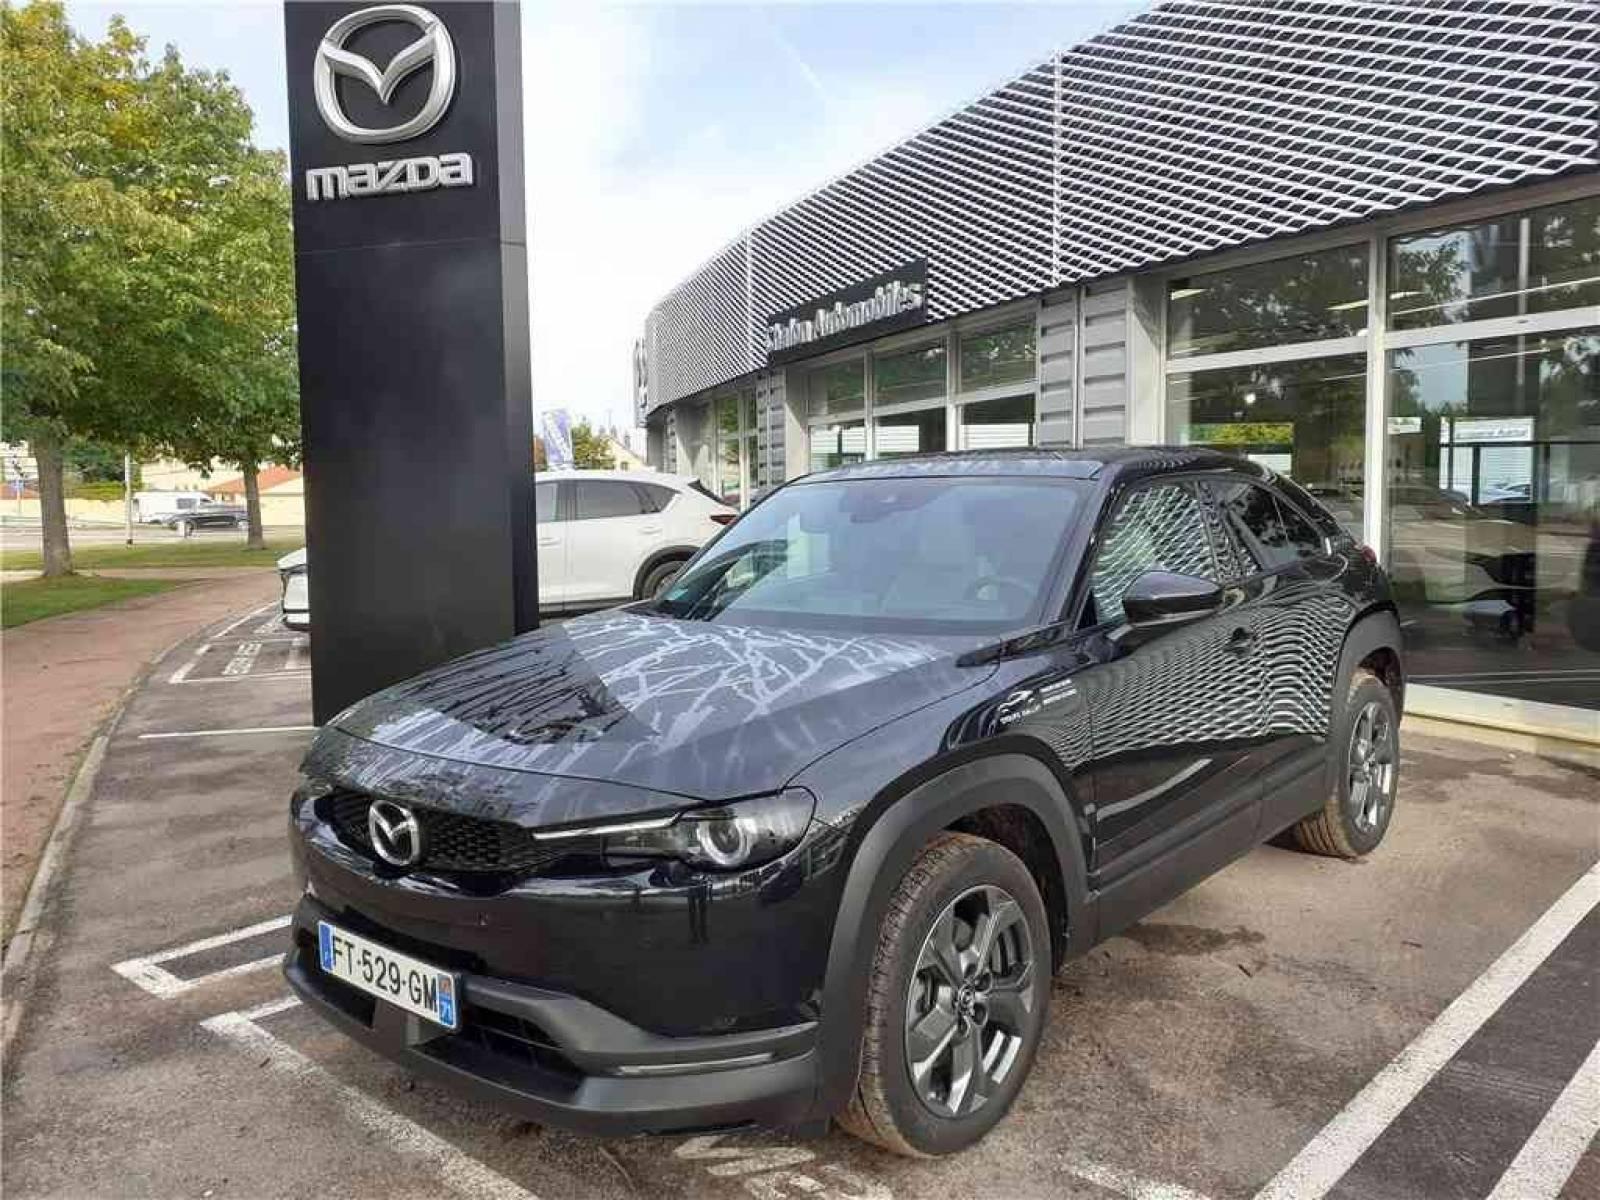 MAZDA MX-30 Electrique 145 ch - véhicule d'occasion - Groupe Guillet - Chalon Automobiles - 71100 - Chalon-sur-Saône - 1